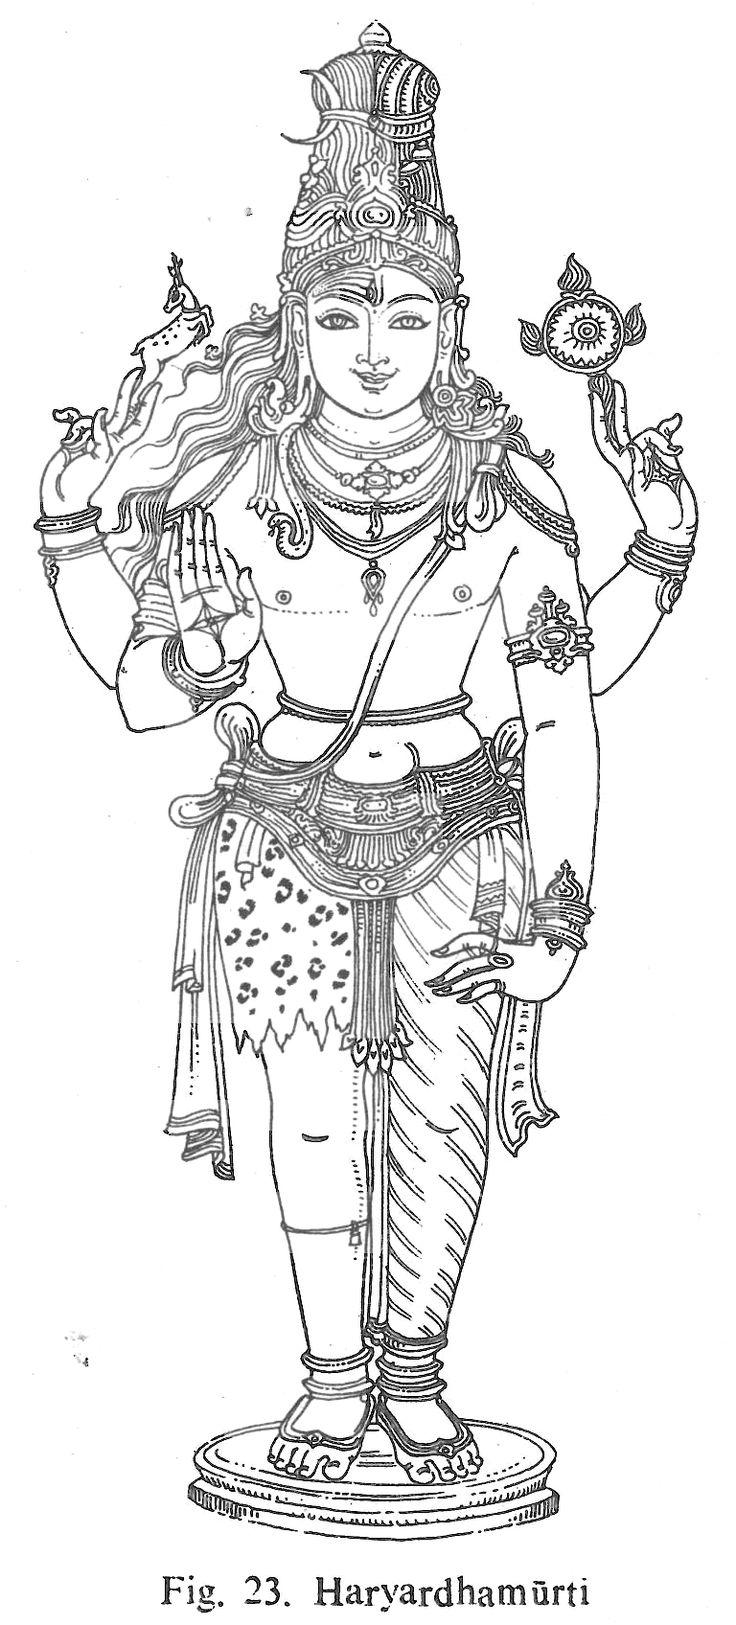 Haryardhamurti